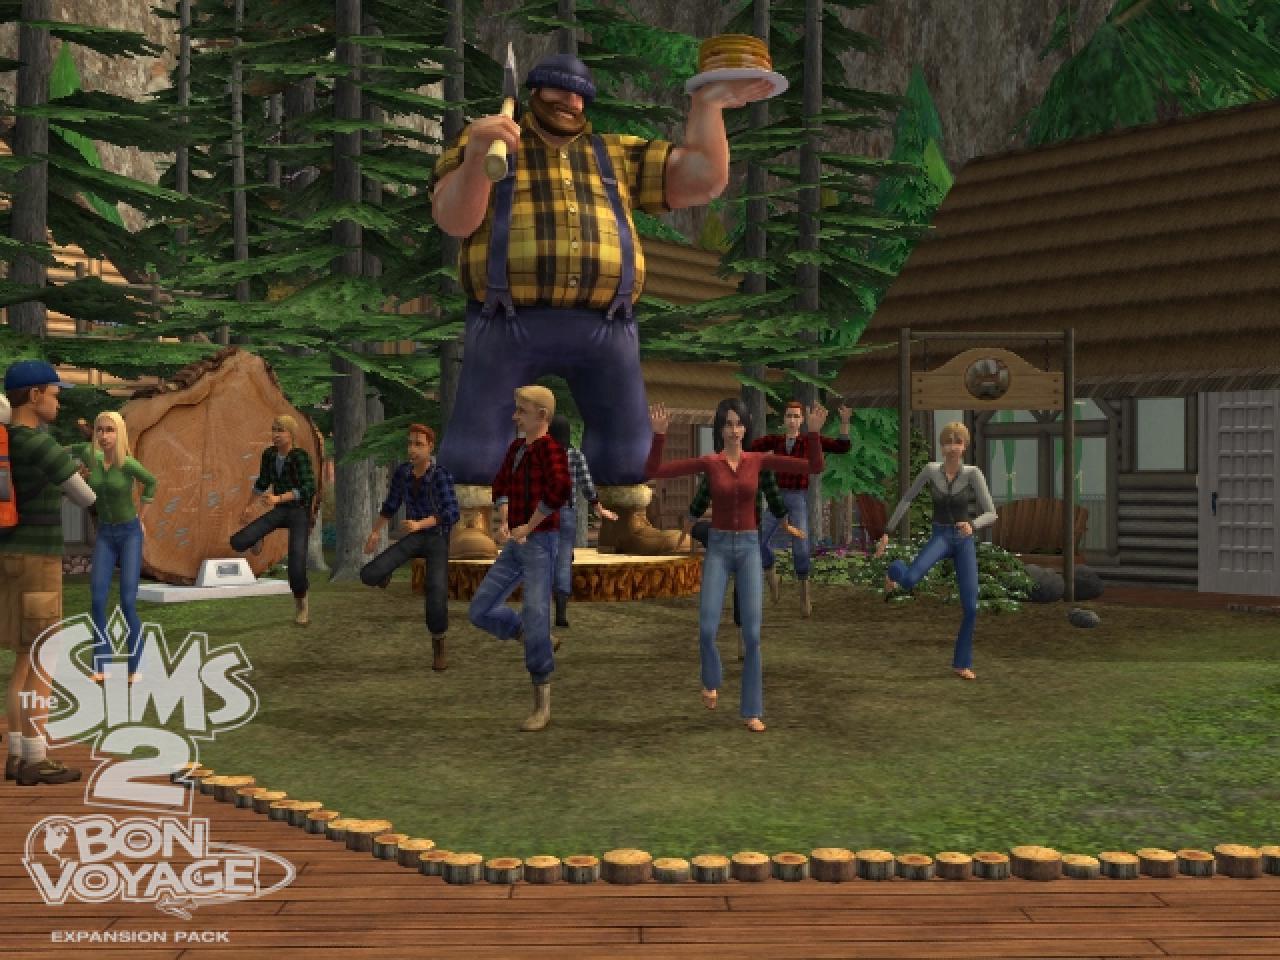 Sims lifestories nude patch nudes movies